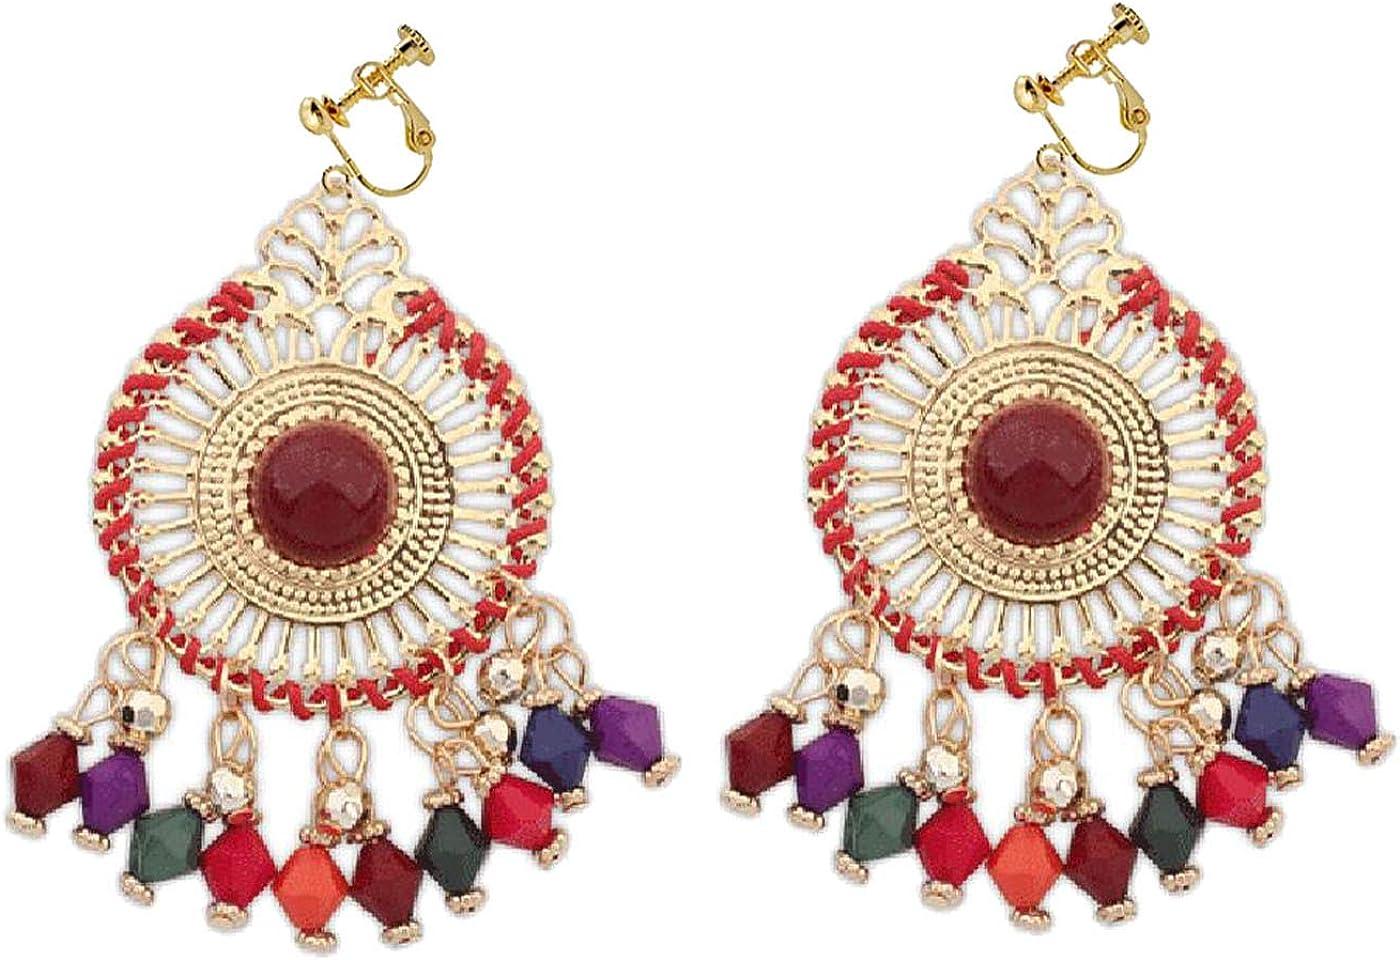 Retro Clip on Earrings Bohemian Earrings for Women Girls Sun Dangle Drop Beaded Tassel Vintage Statement Indians